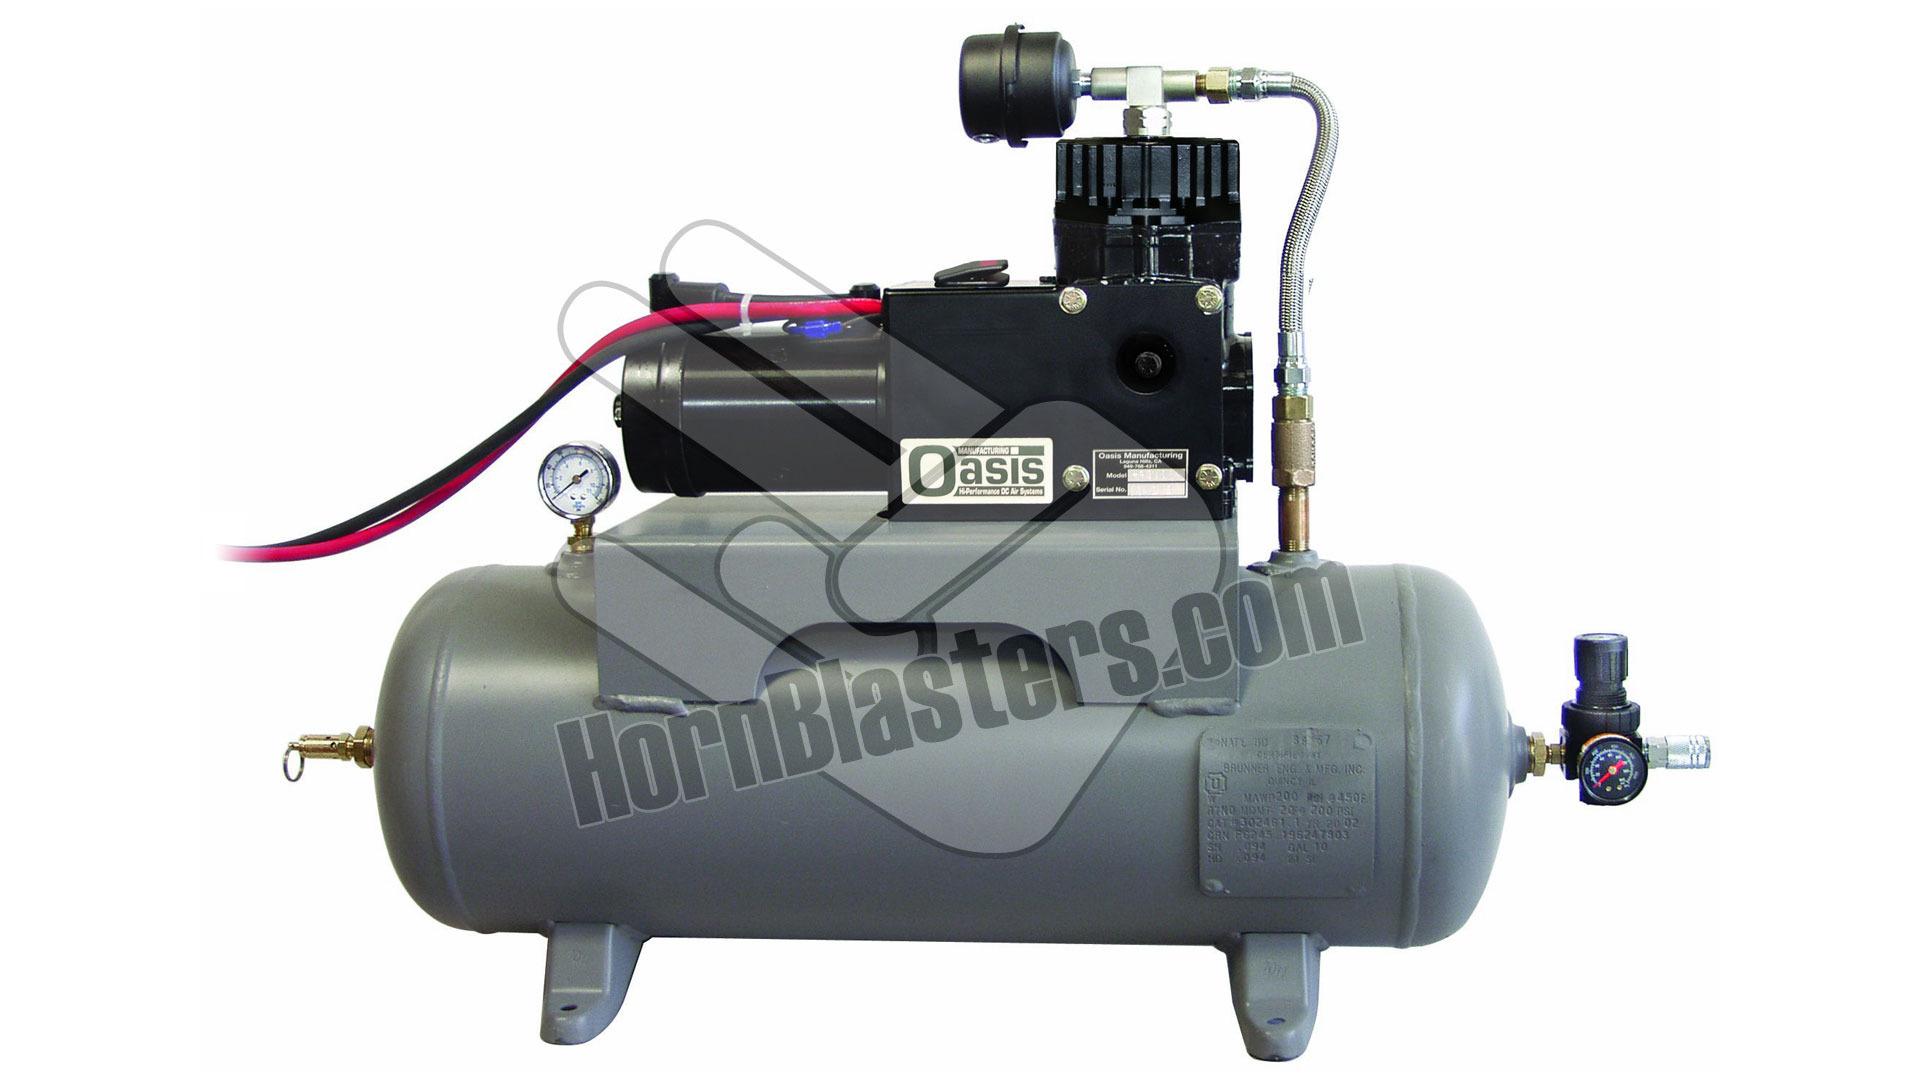 12 Volt Air Compressor Heavy Duty >> Oasis Xdt4000 Air Compressor